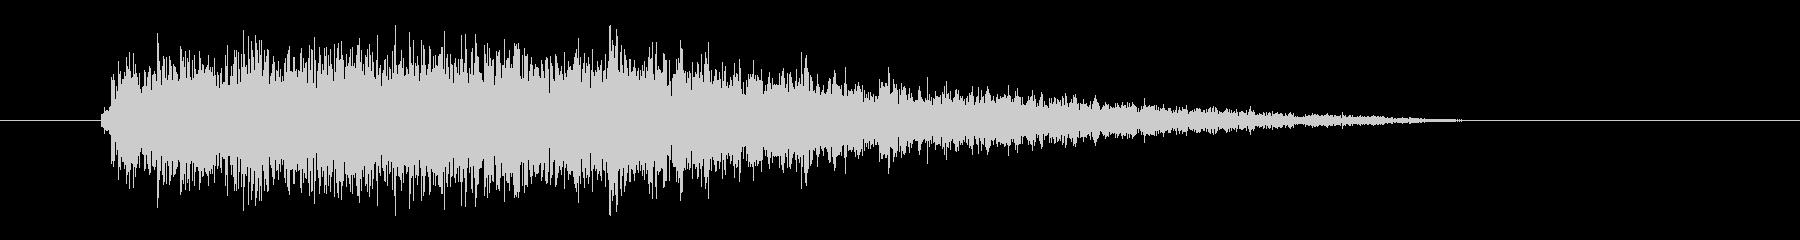 レーザー音-75-3の未再生の波形